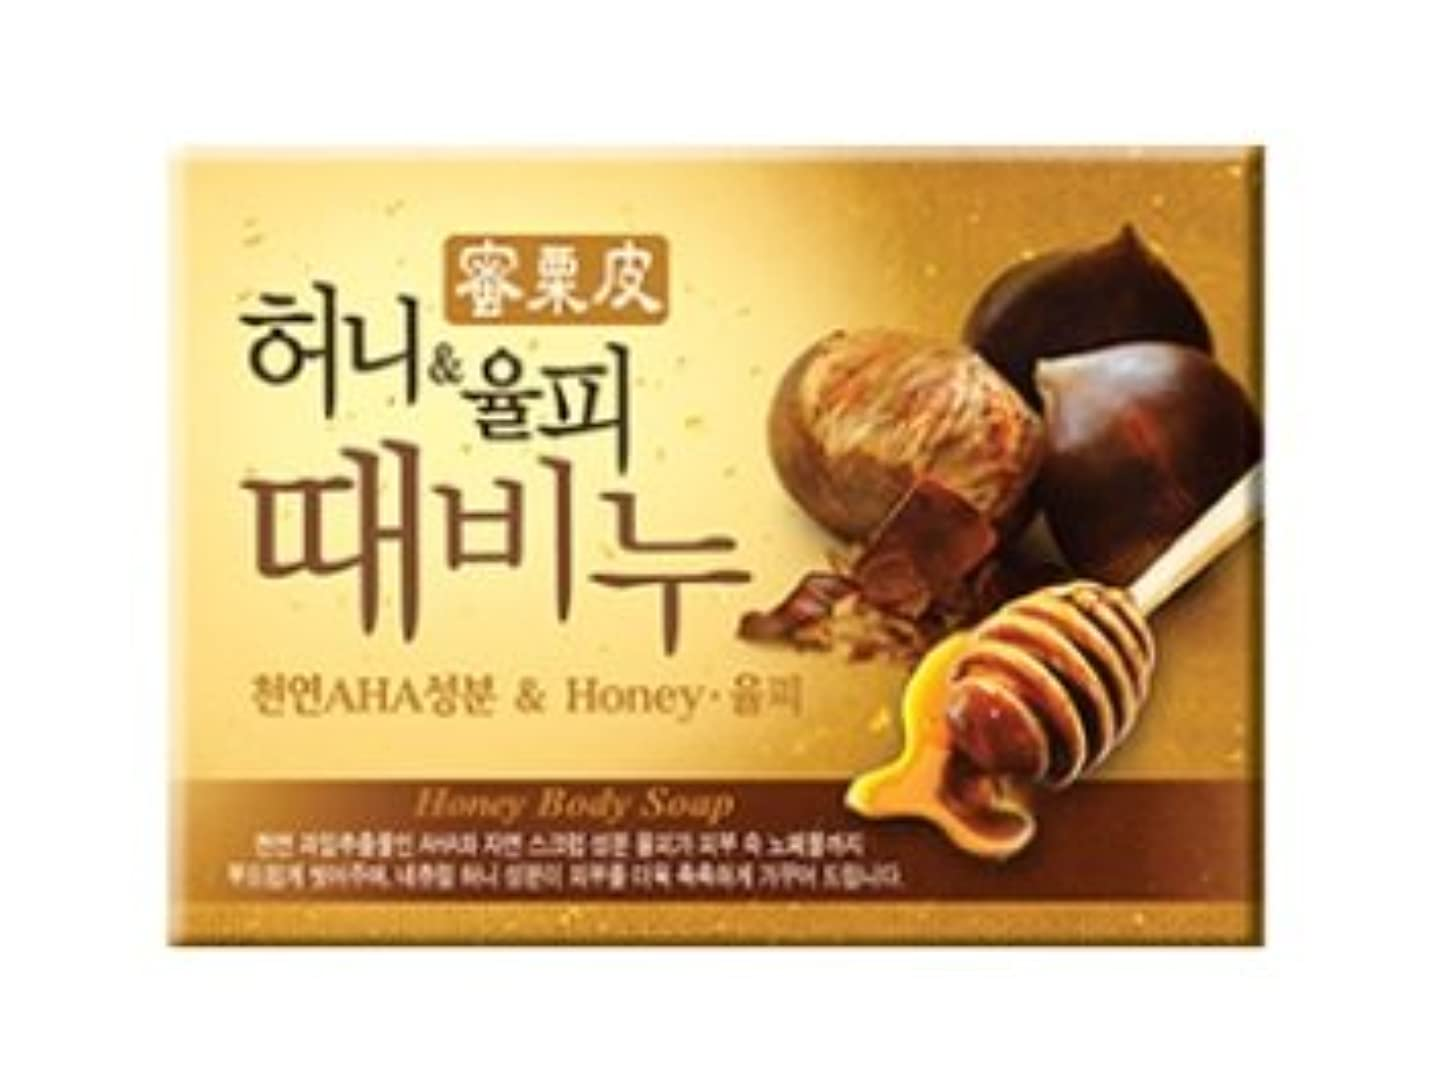 魔女石油丁寧ハニー栗皮 ソープ 100g / Honey Body Soap [並行輸入品]